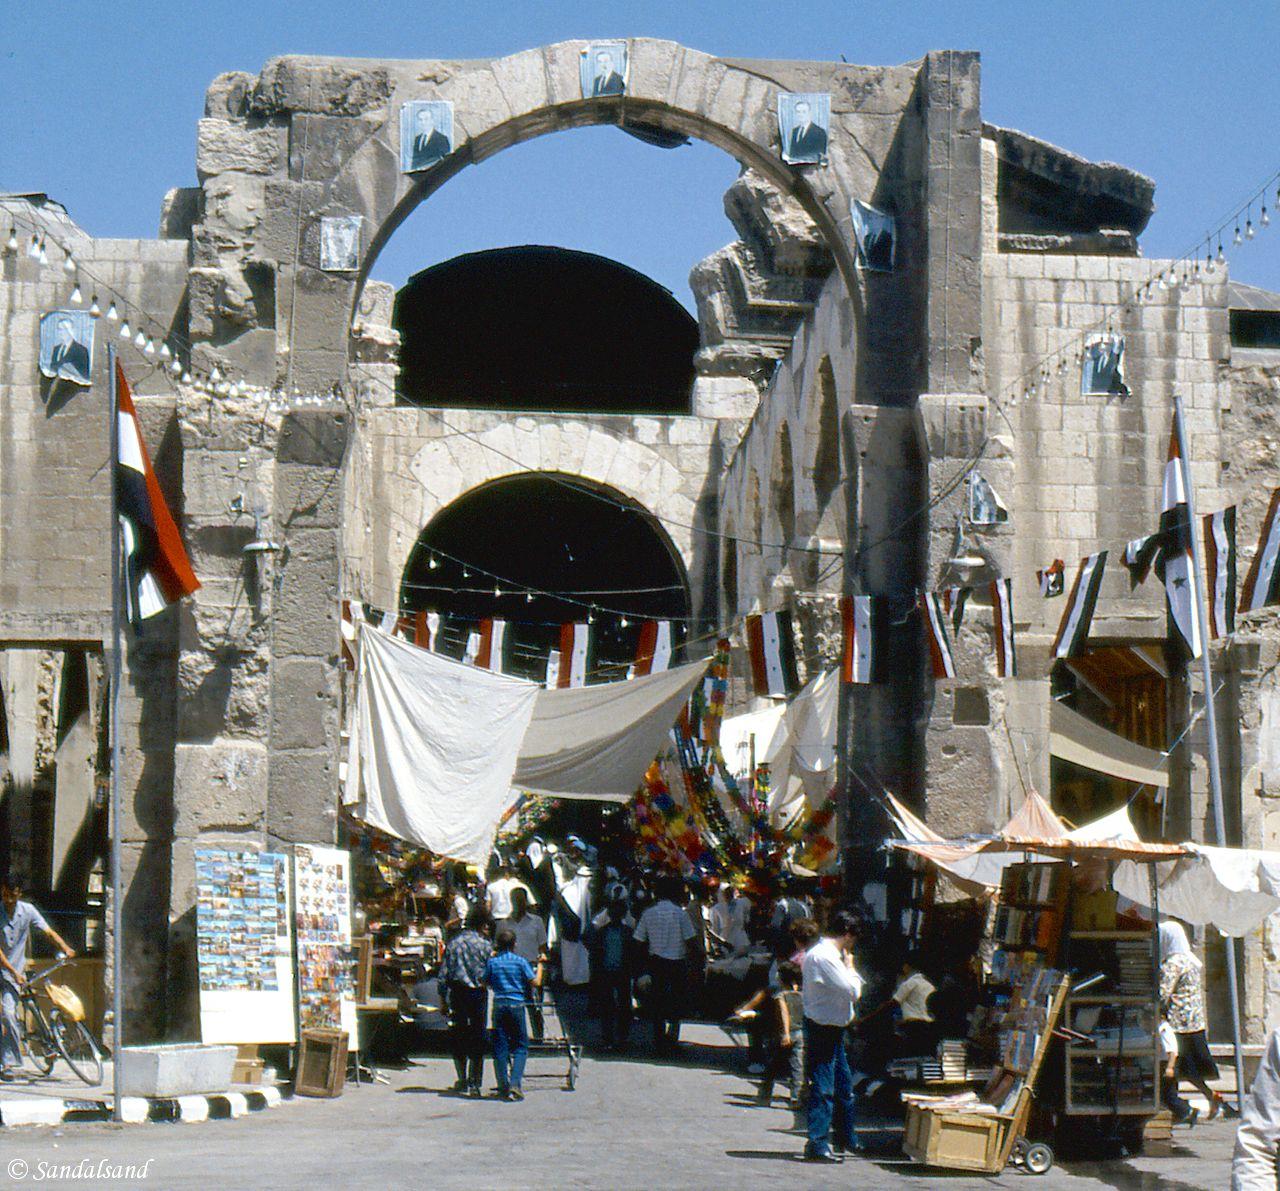 Syria - Damascus - Trajan Gate entrance to souq